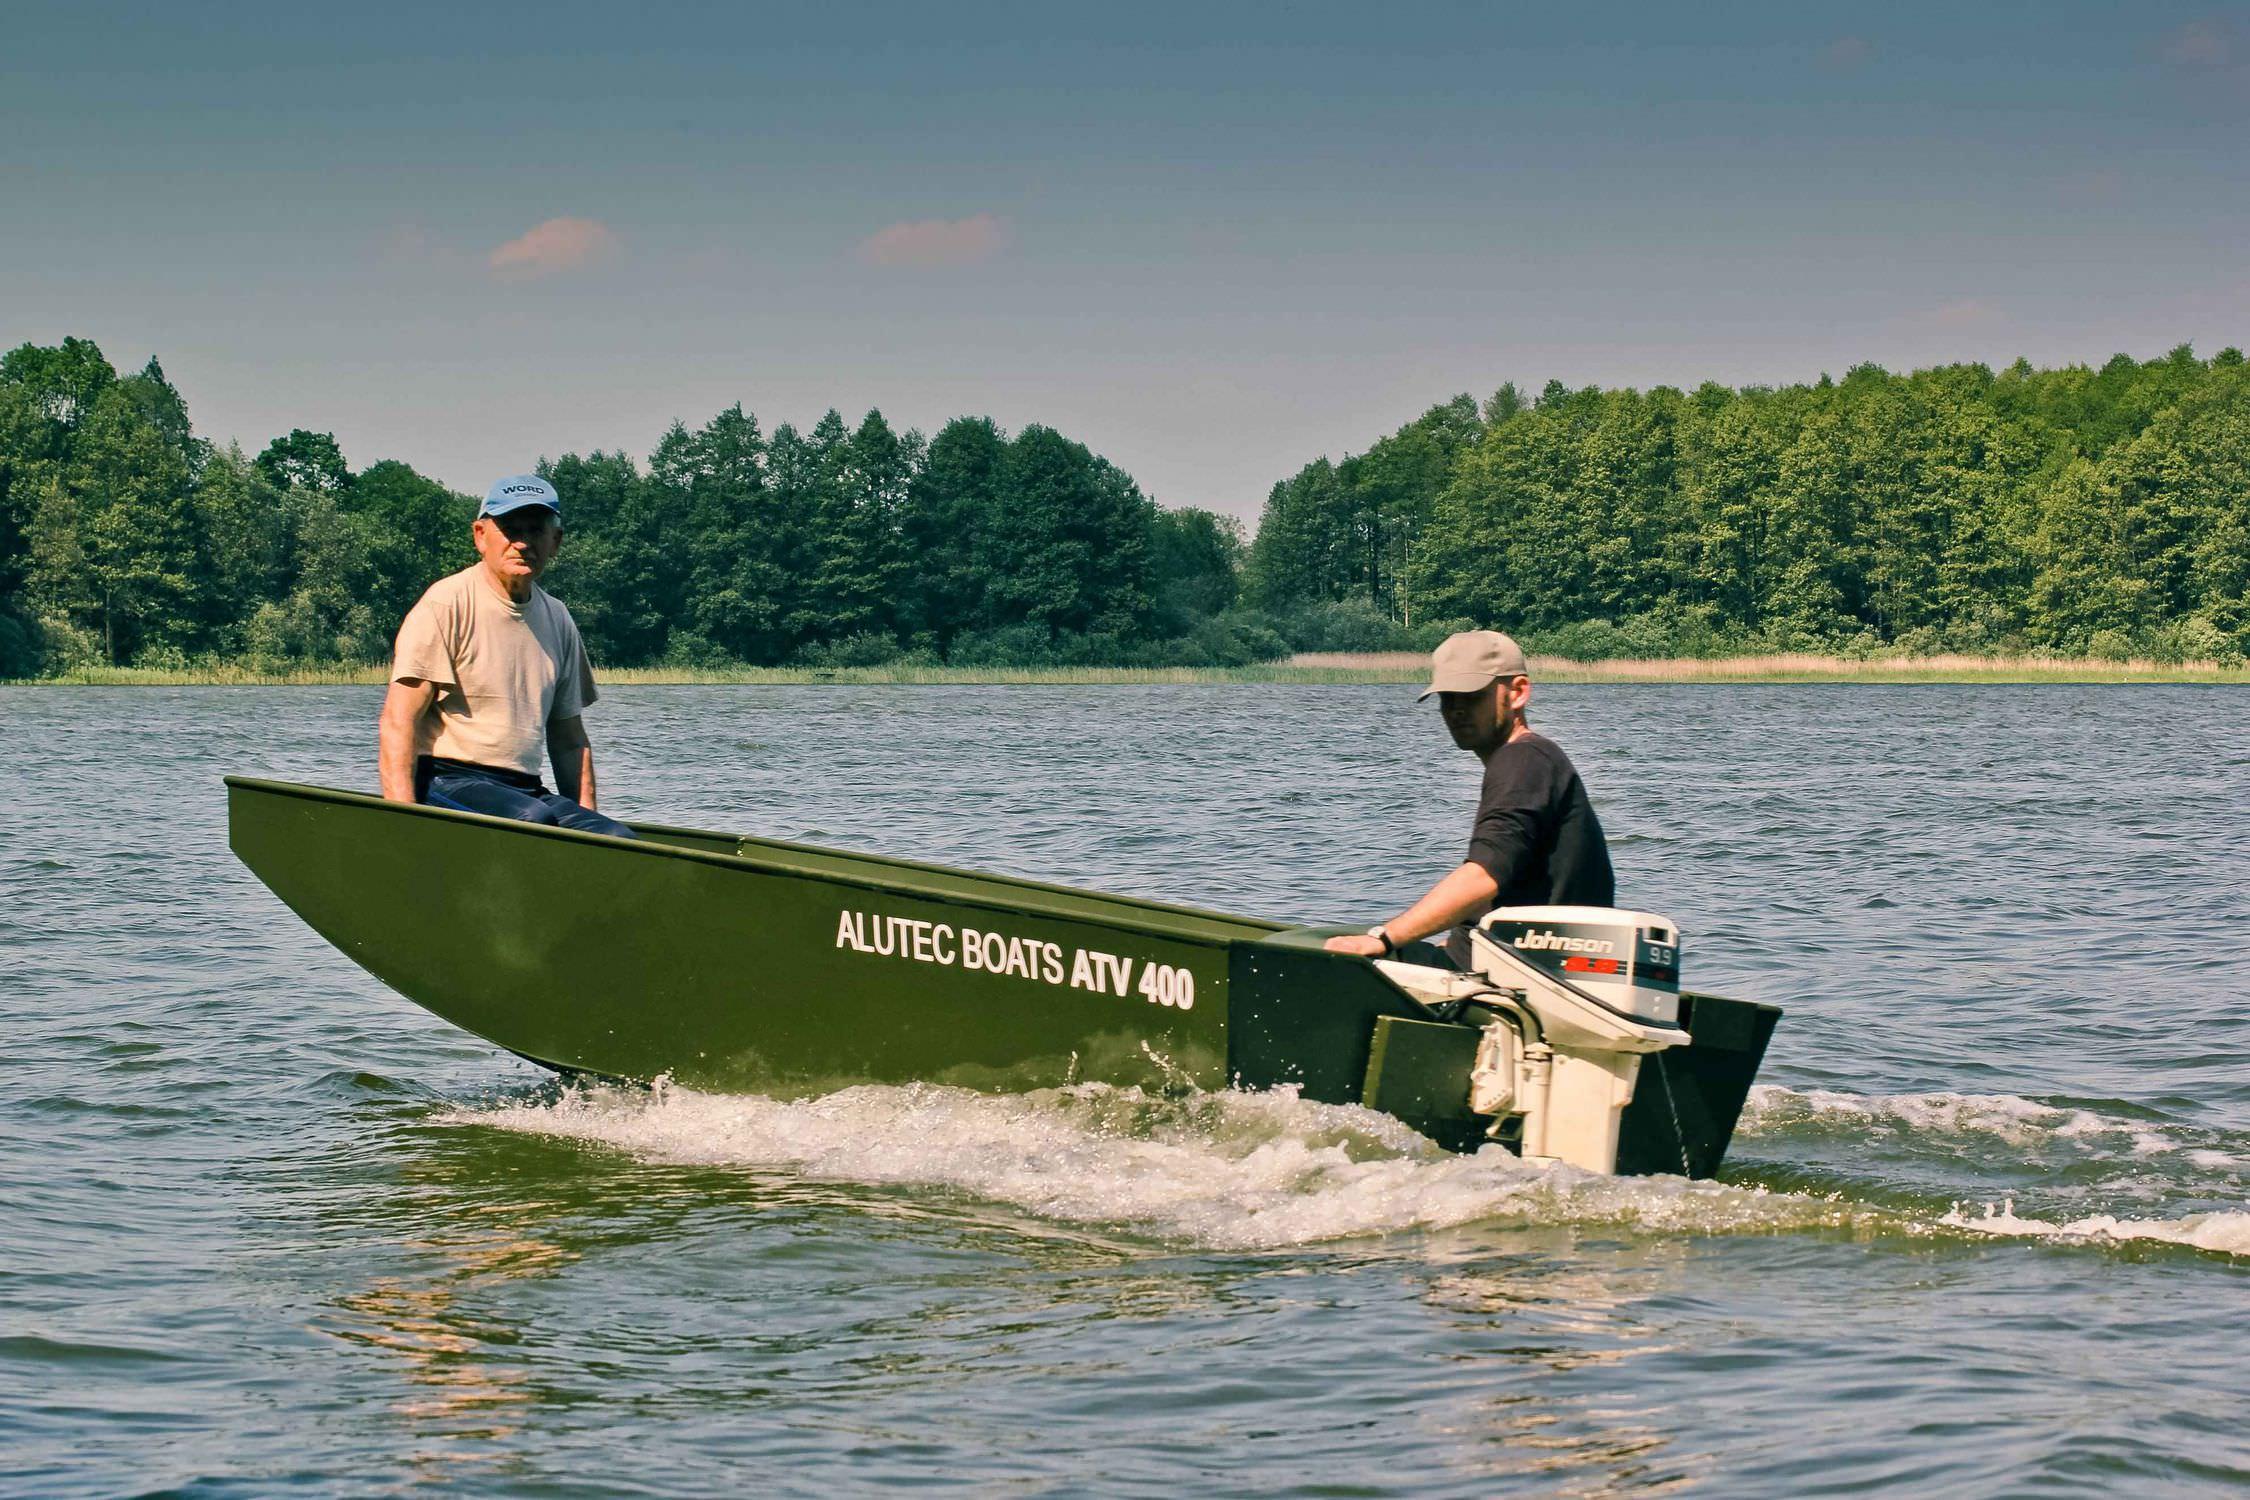 Outboard jon boat / sport-fishing / 4-person max. - ATV-360 - ALUTEC ...